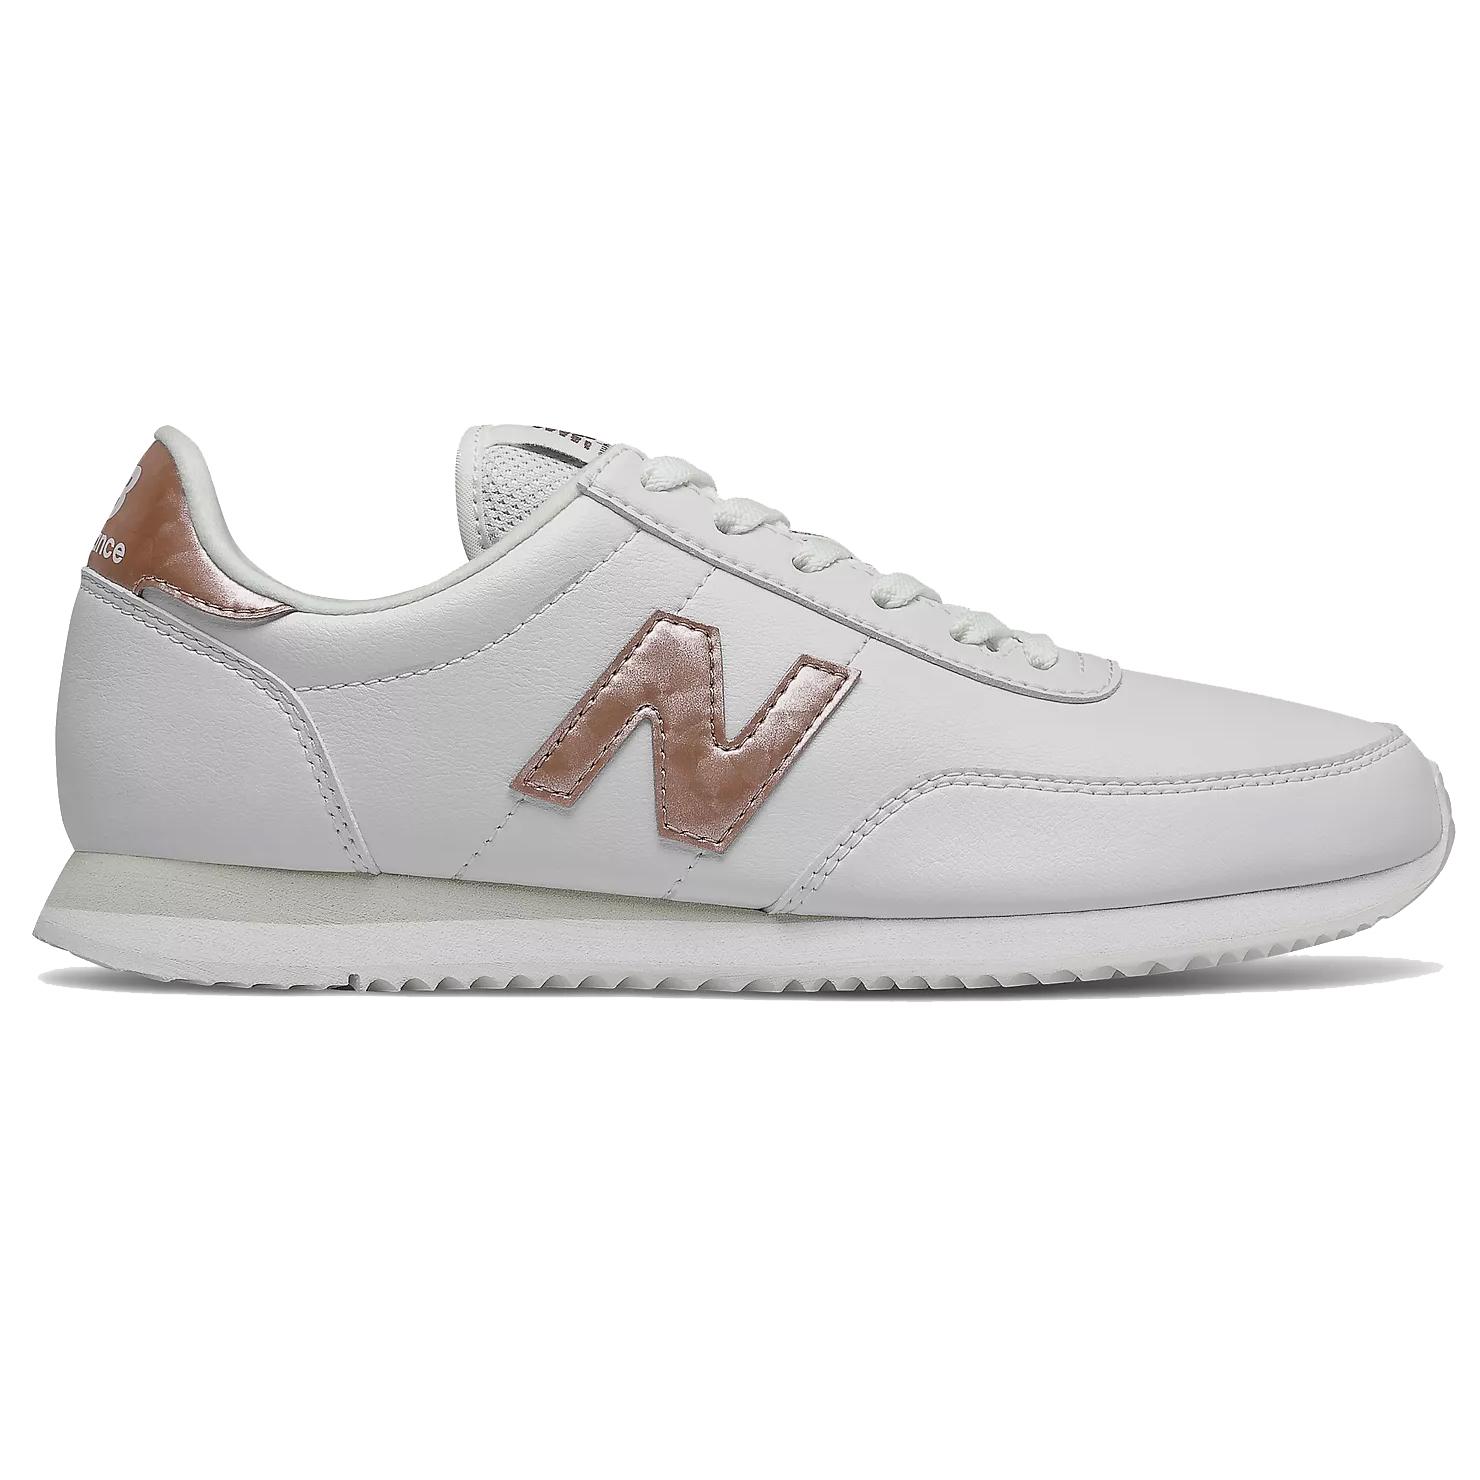 New Balance WL720MB1 Sneaker Damen weiß rose gold